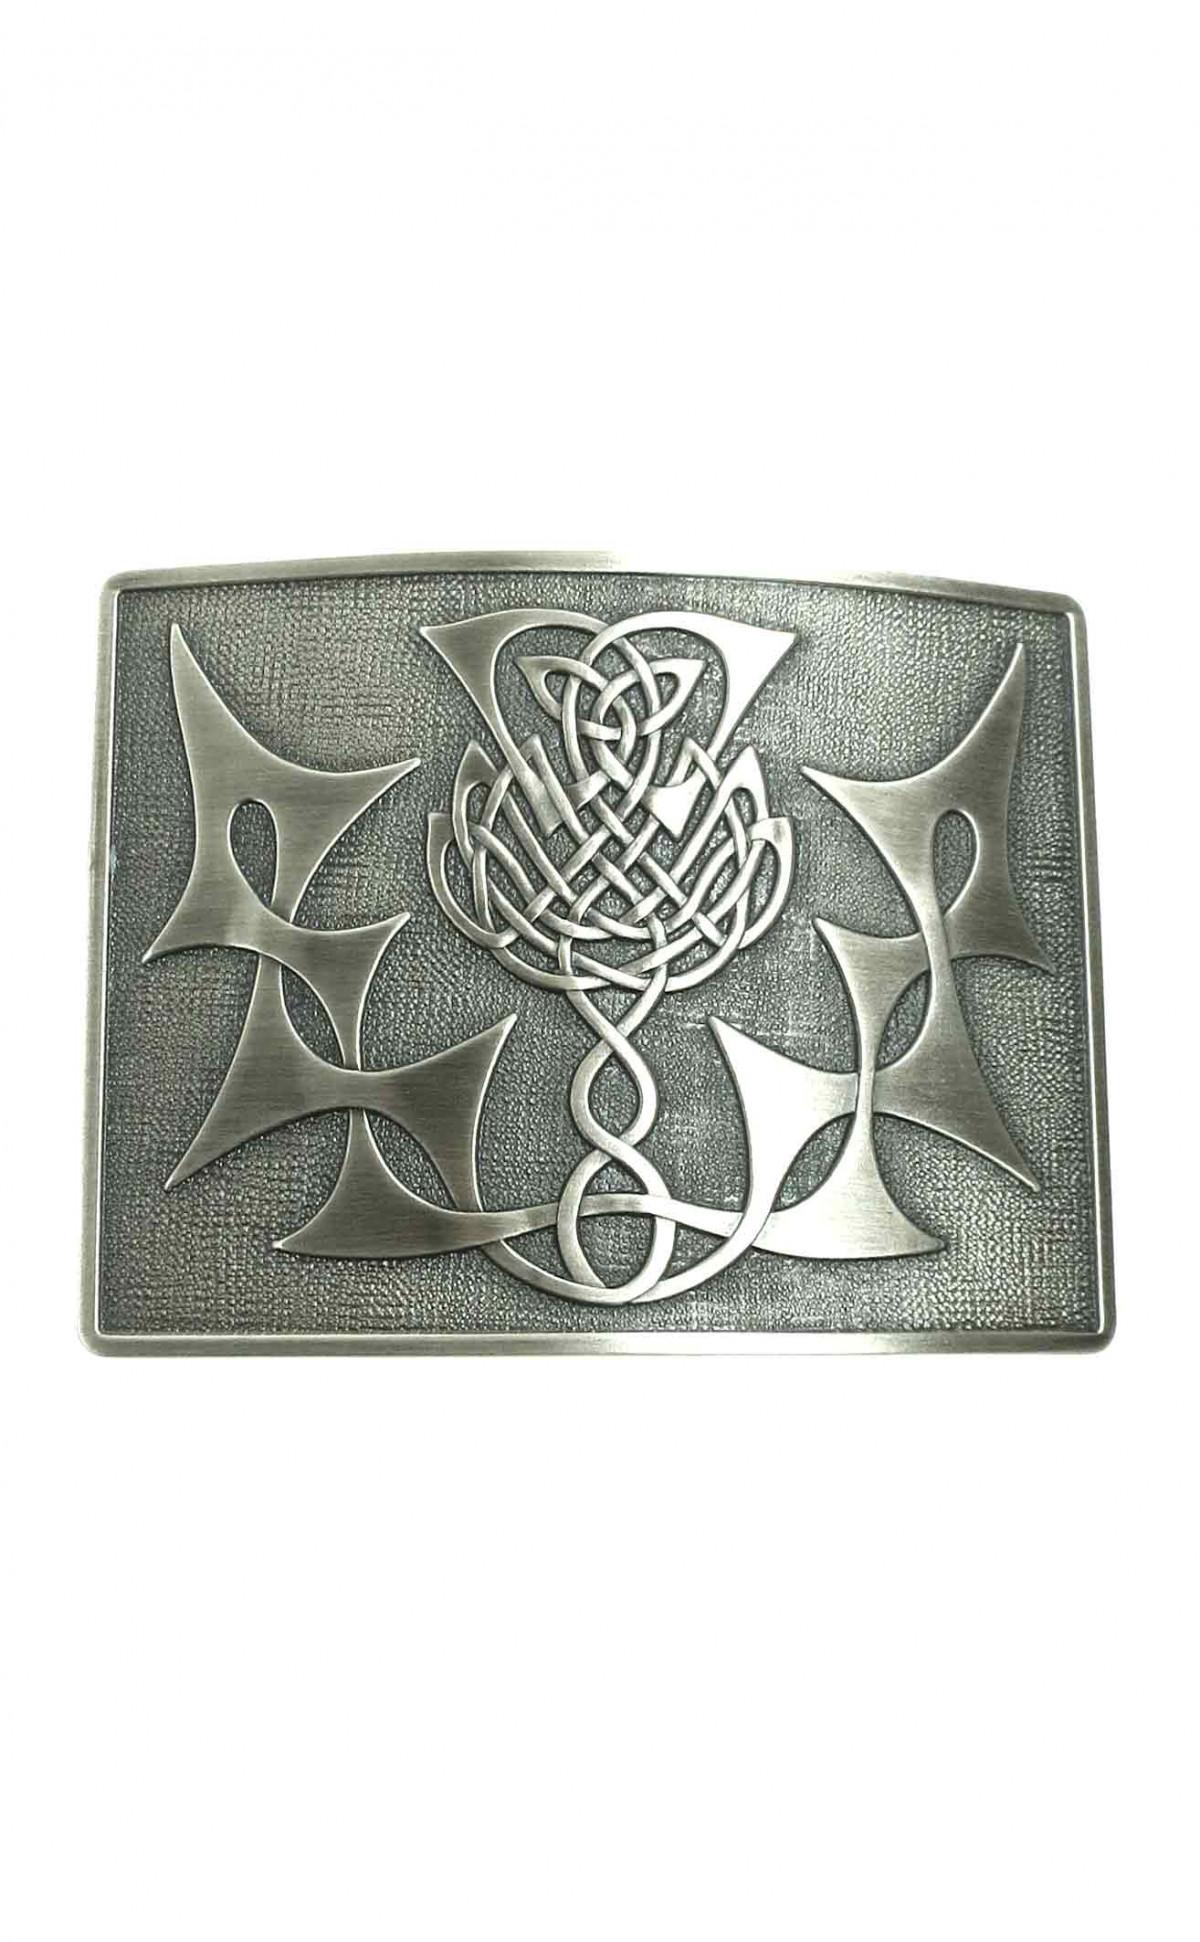 glnsk-sr_glnsk_highland_thistle_waist_plate_antique_silver_1